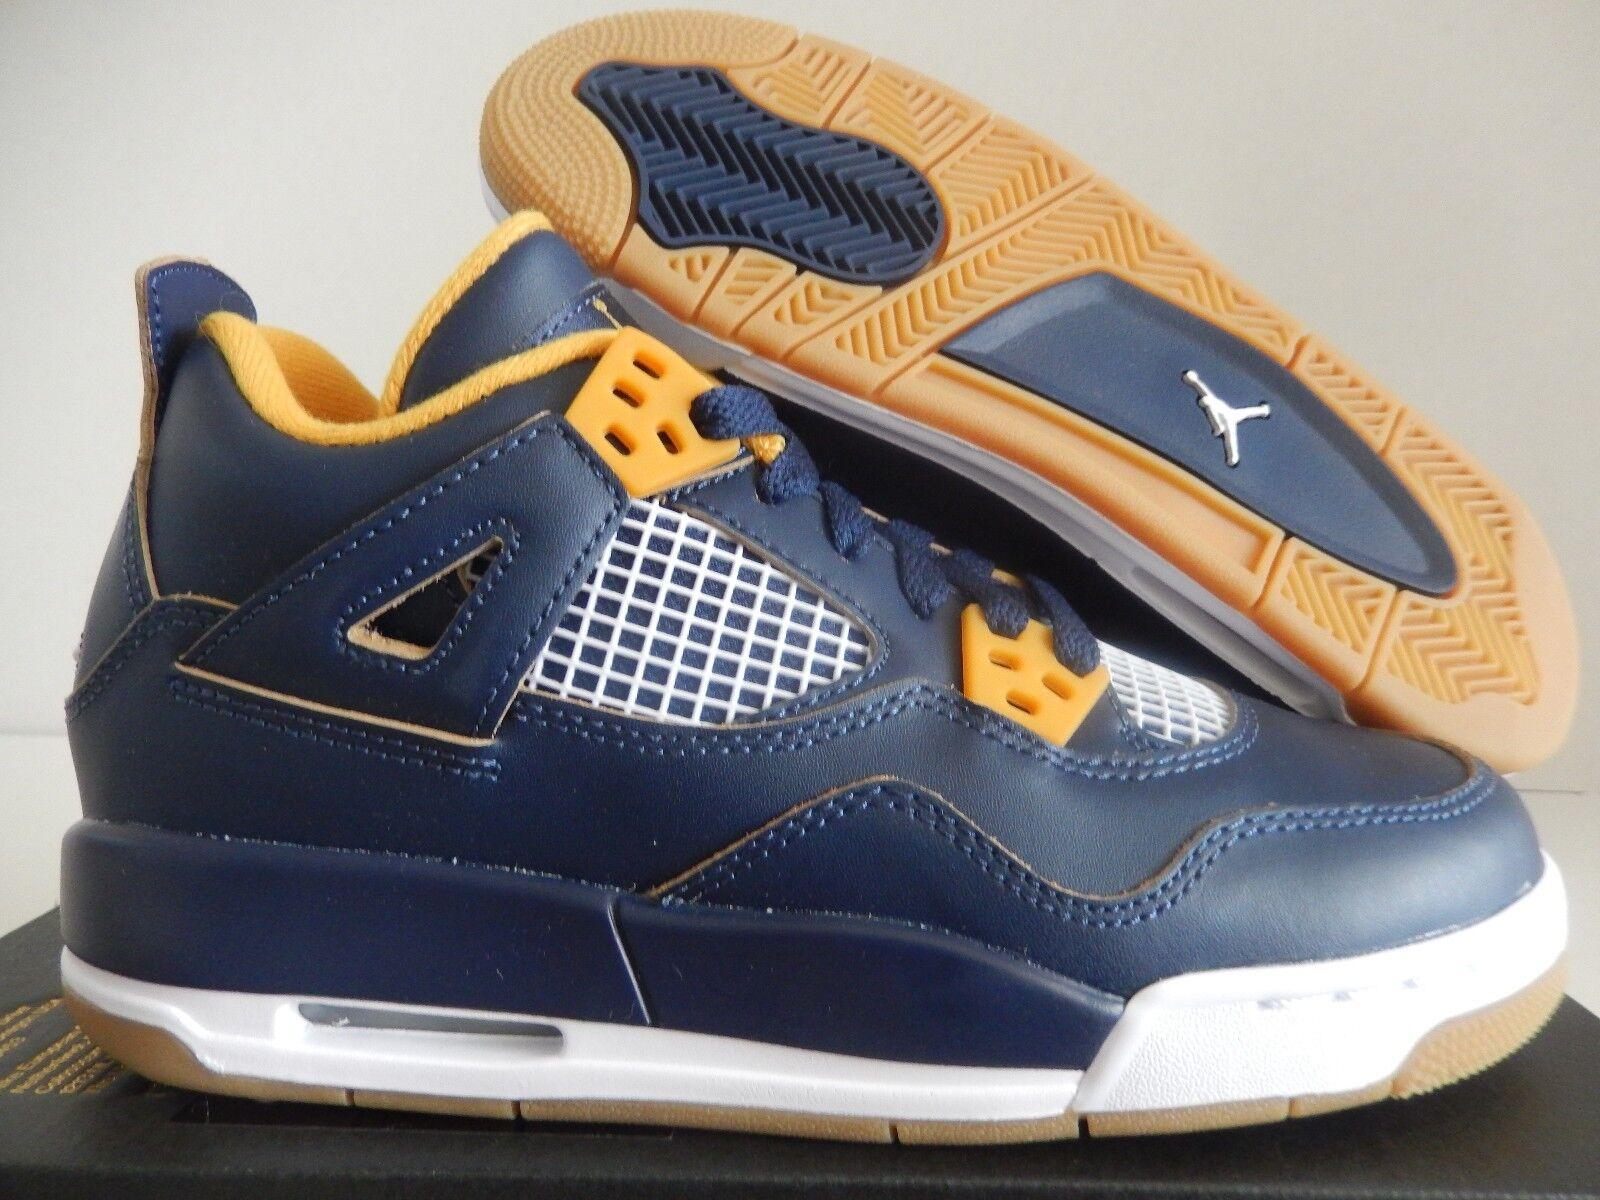 Nike Air Jordan 4 RETRO BG  Dunk desde arriba arriba arriba  Talla 4Y-Para Mujer Talla 5.5  distribución global